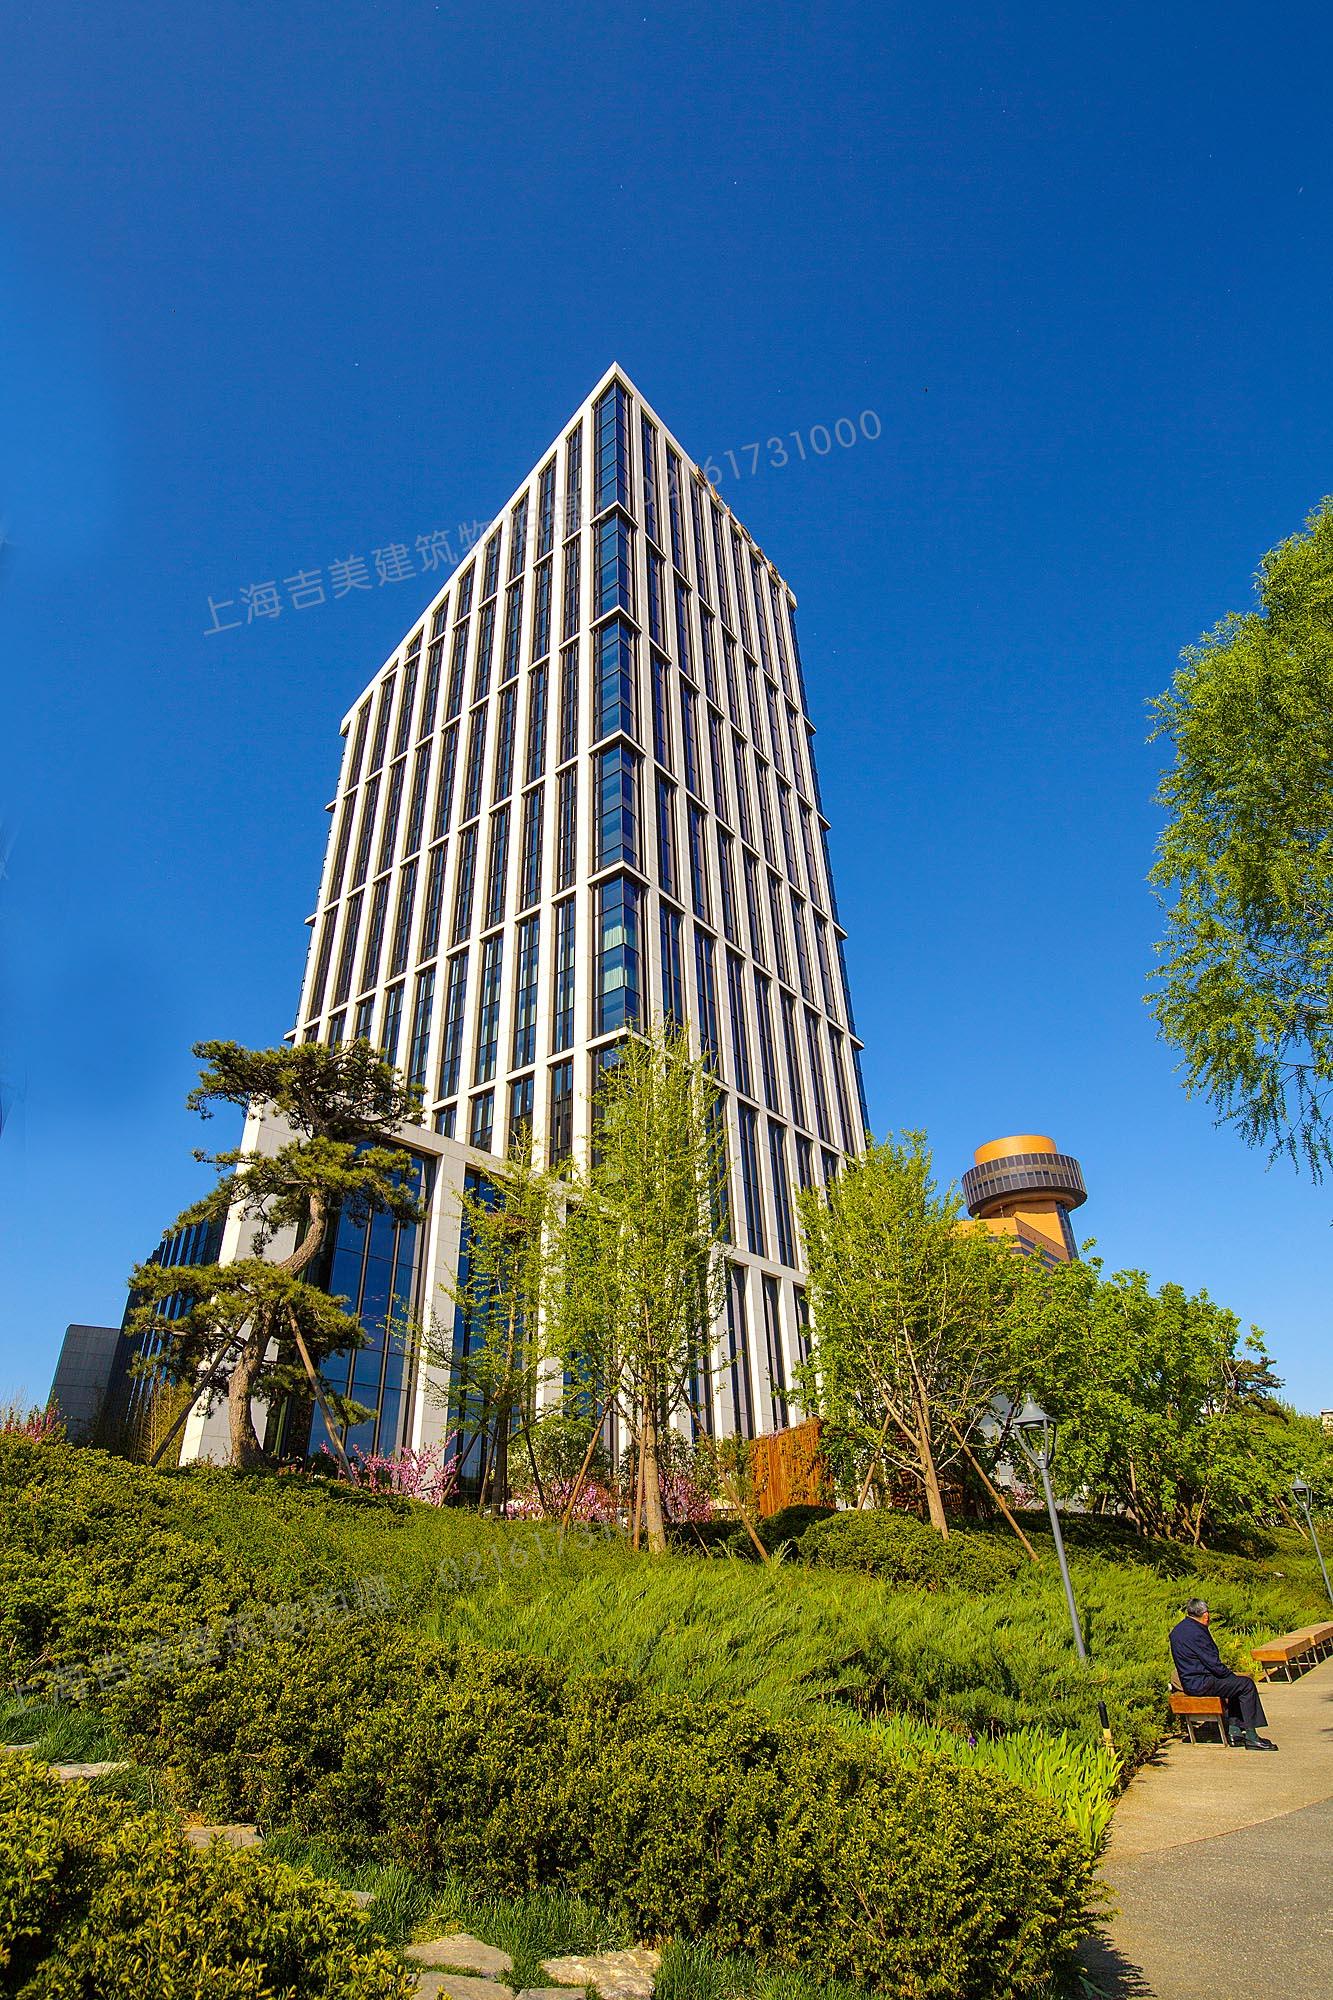 上海吉美建筑物拍攝酒店外景拍攝特色風景攝影